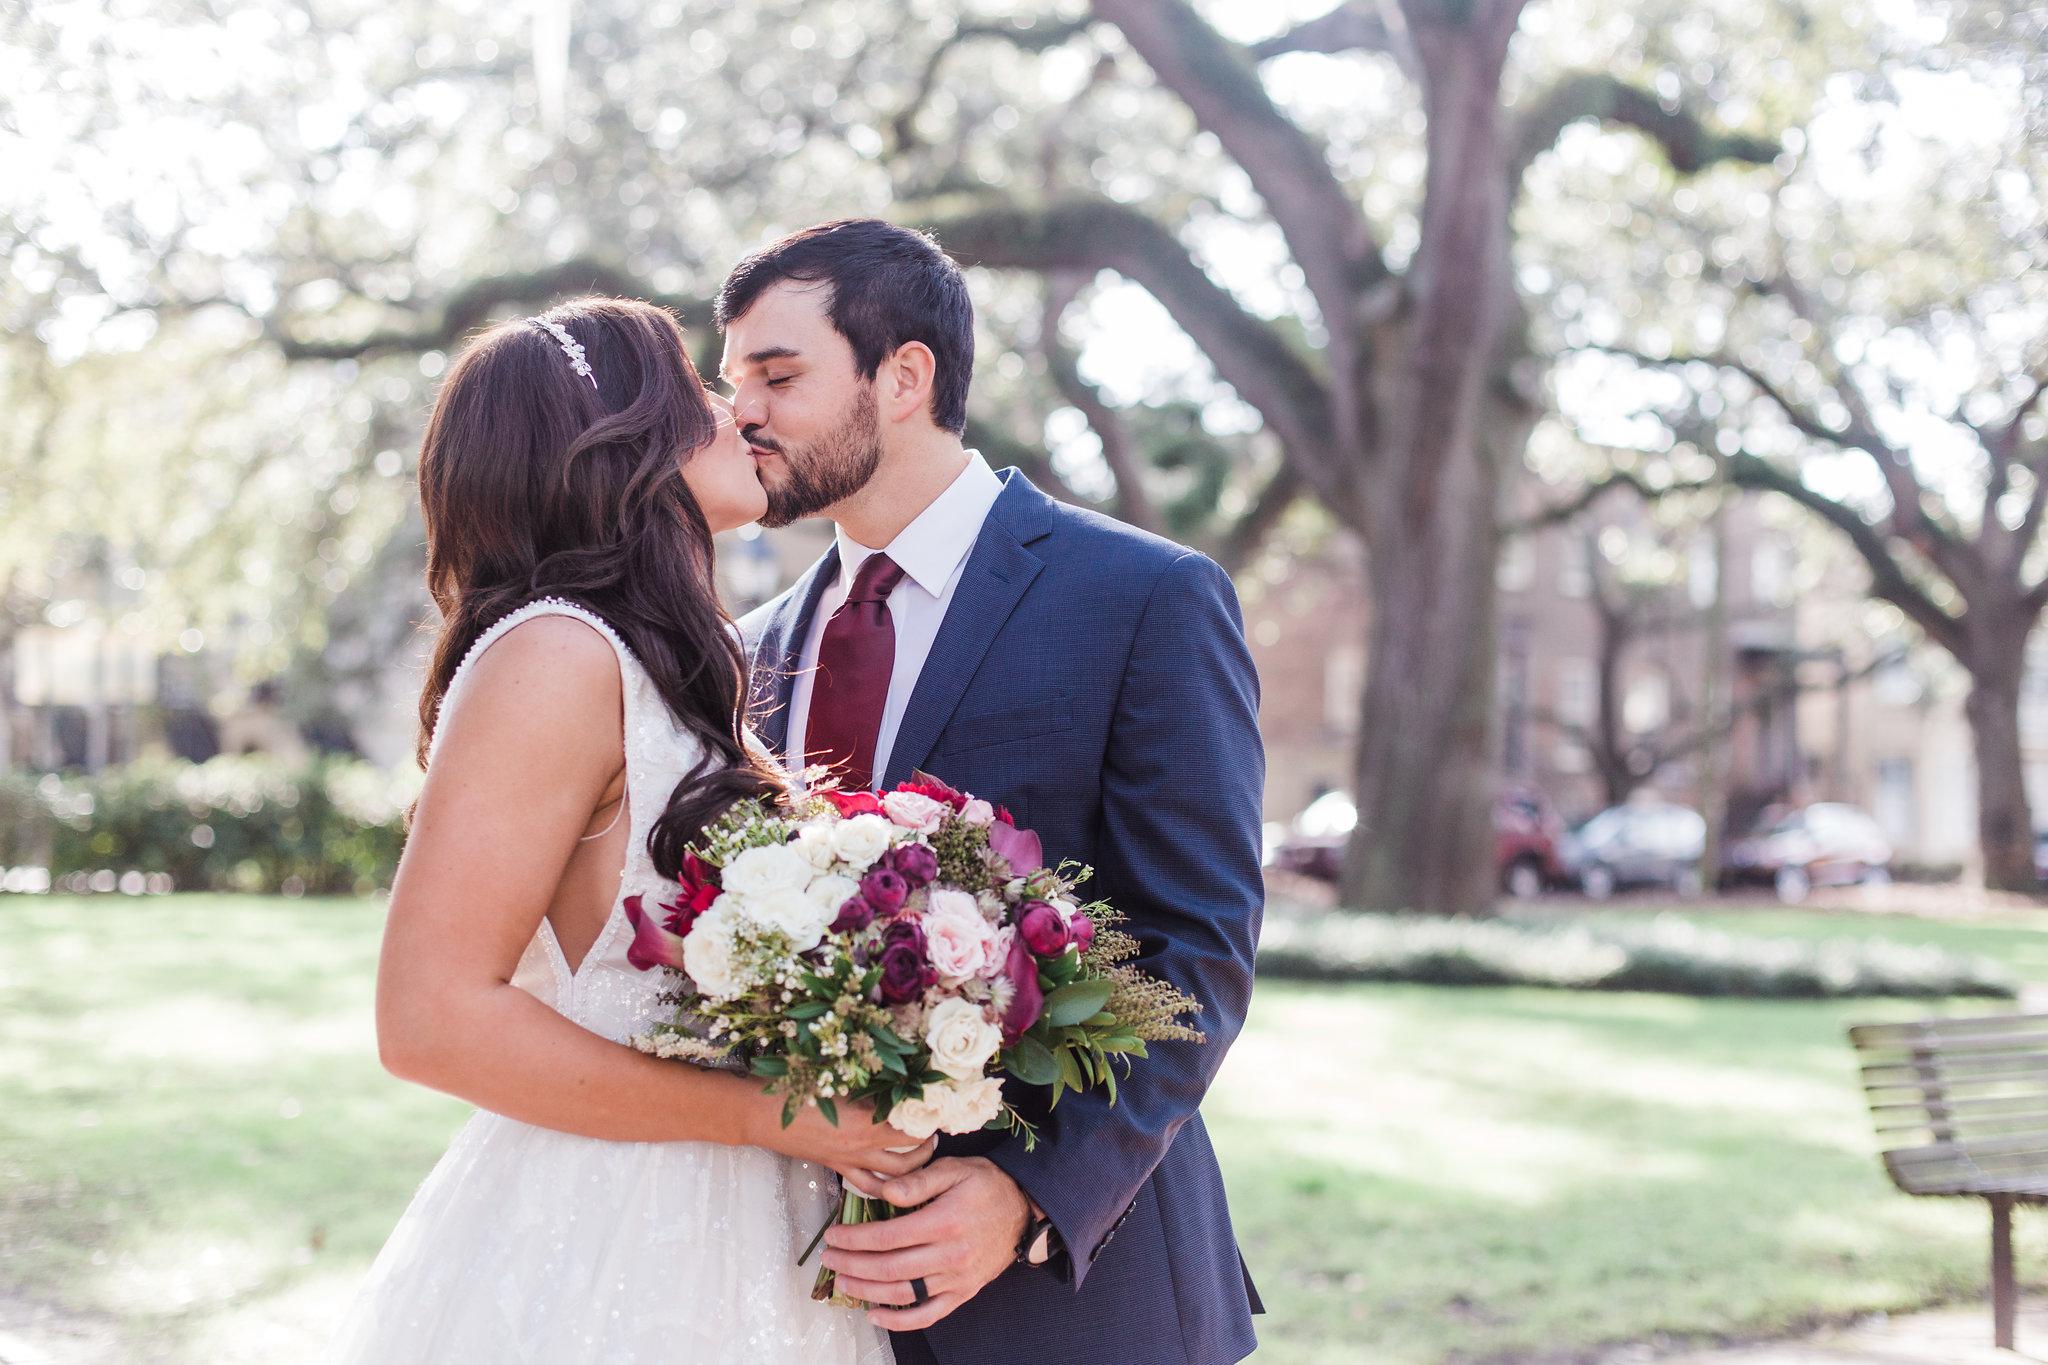 apt-b-photography-lindsey-shawn-Savannah-wedding-photographer-savannah-elopement-photographer-historic-savannah-elopement-savannah-weddings-hilton-head-wedding-photographer-jekyll-island-wedding-photographer-16.jpg